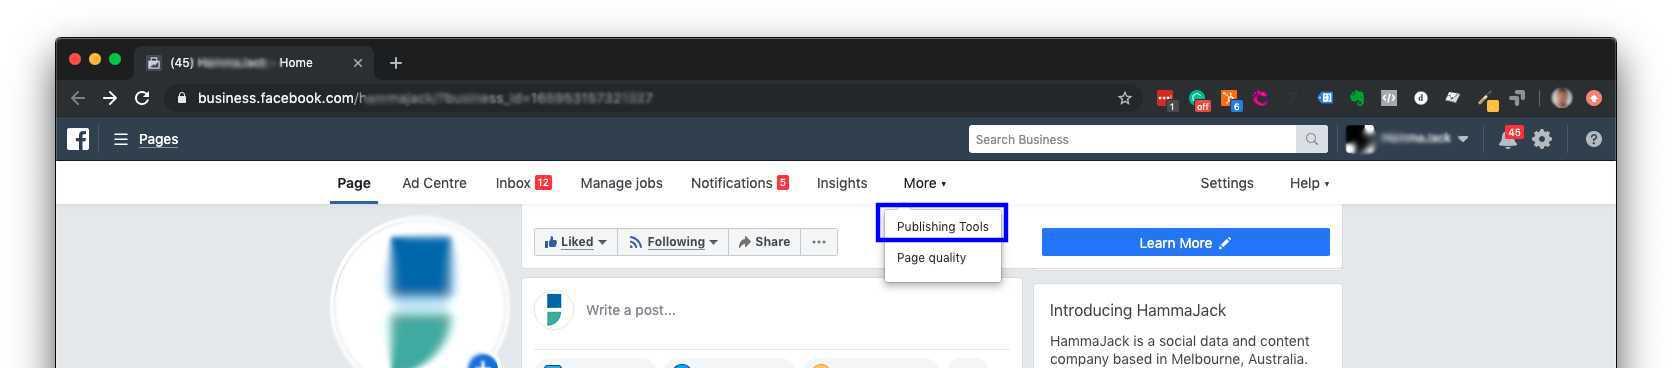 Publishing Tools Page.jpg